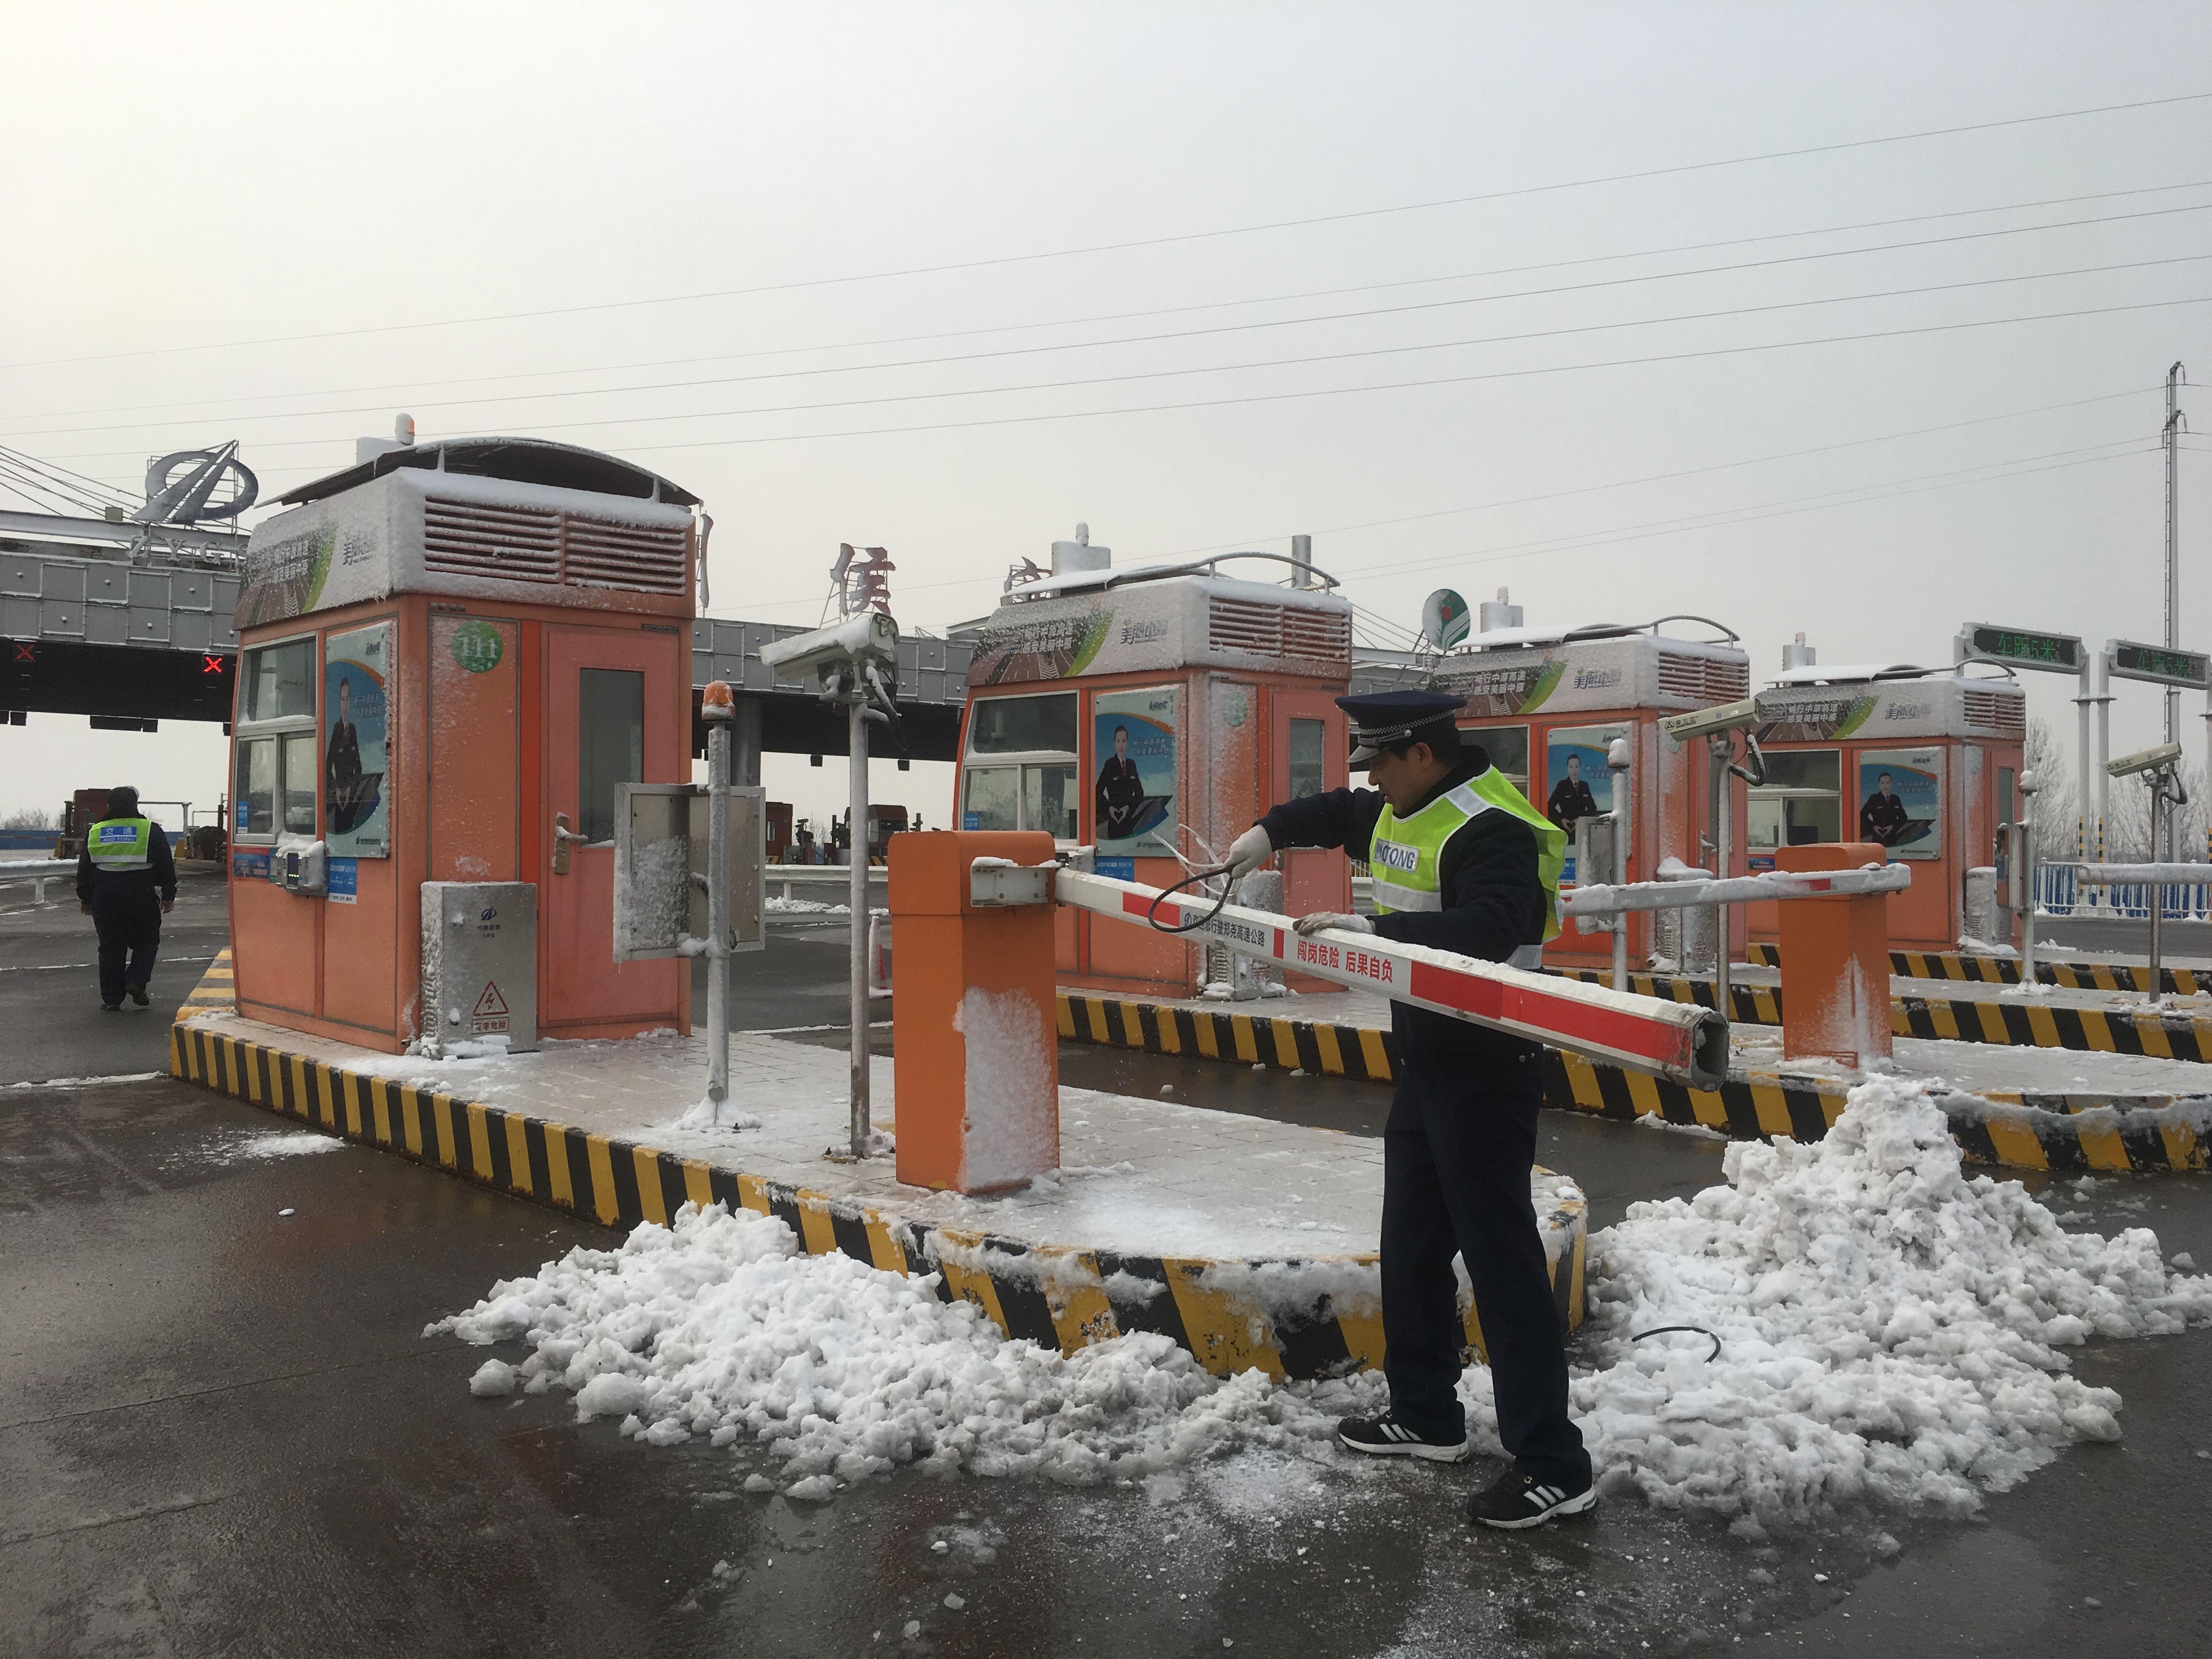 郑州分公司侯寨站维护员1月31日雪后检修设备  孙婧.jpg